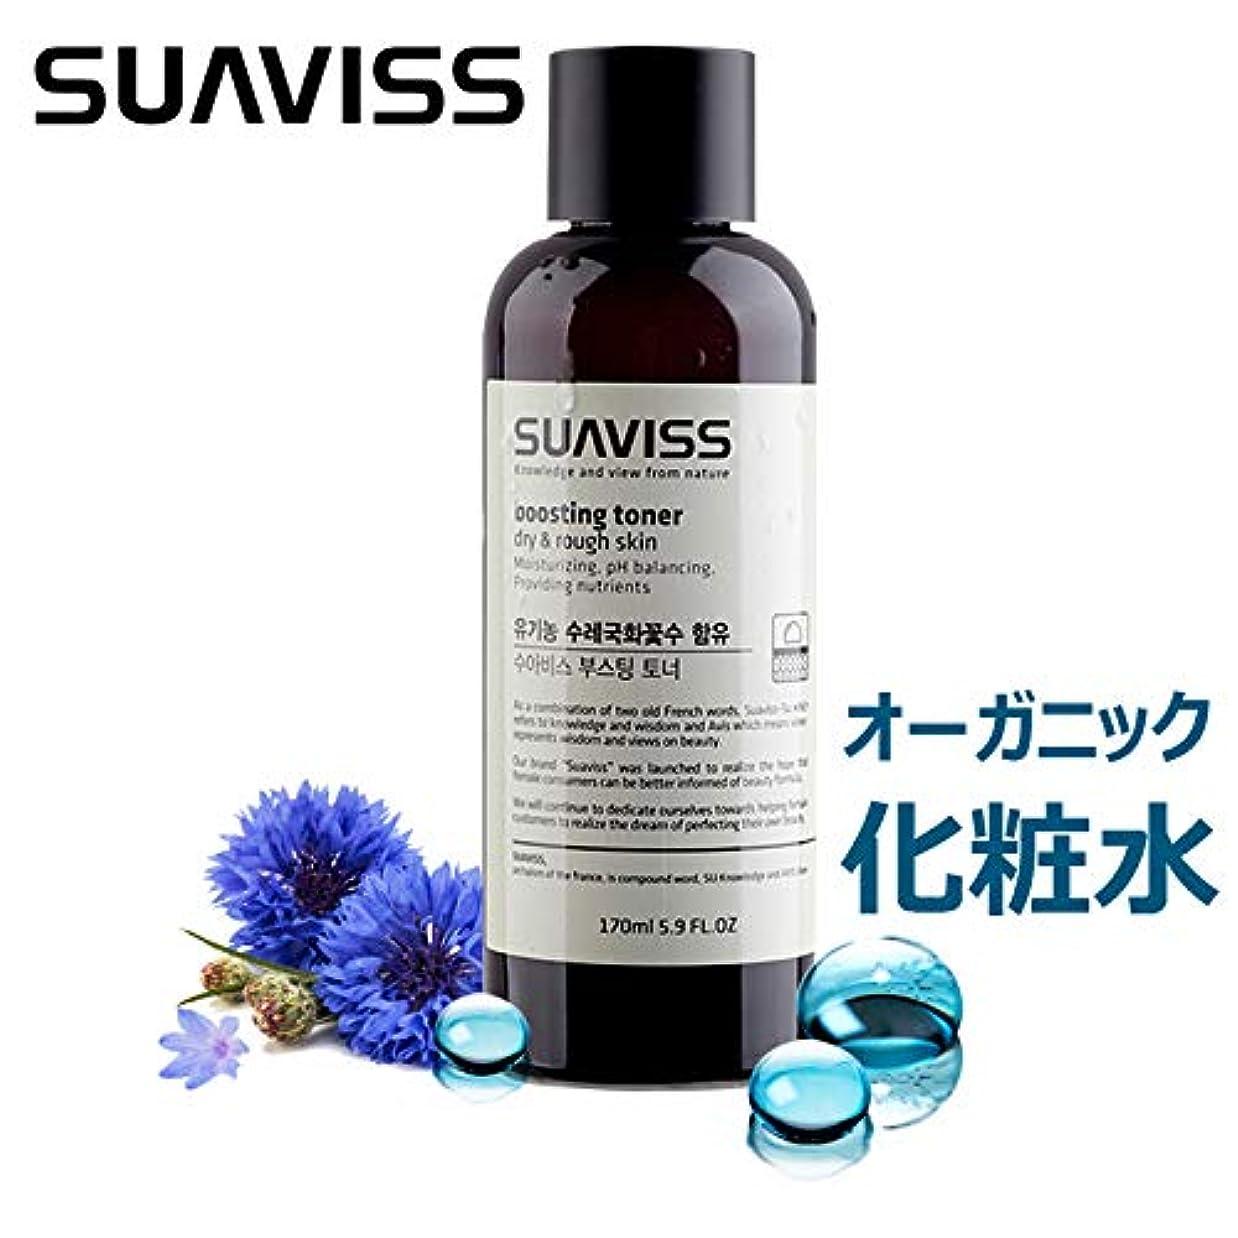 ピービッシュ義務づける落ち着くスアビス/ブースティング/化粧水 水分 供給 栄養 供給 オーガニック 化粧品 韓国コスメ 乾燥肌用